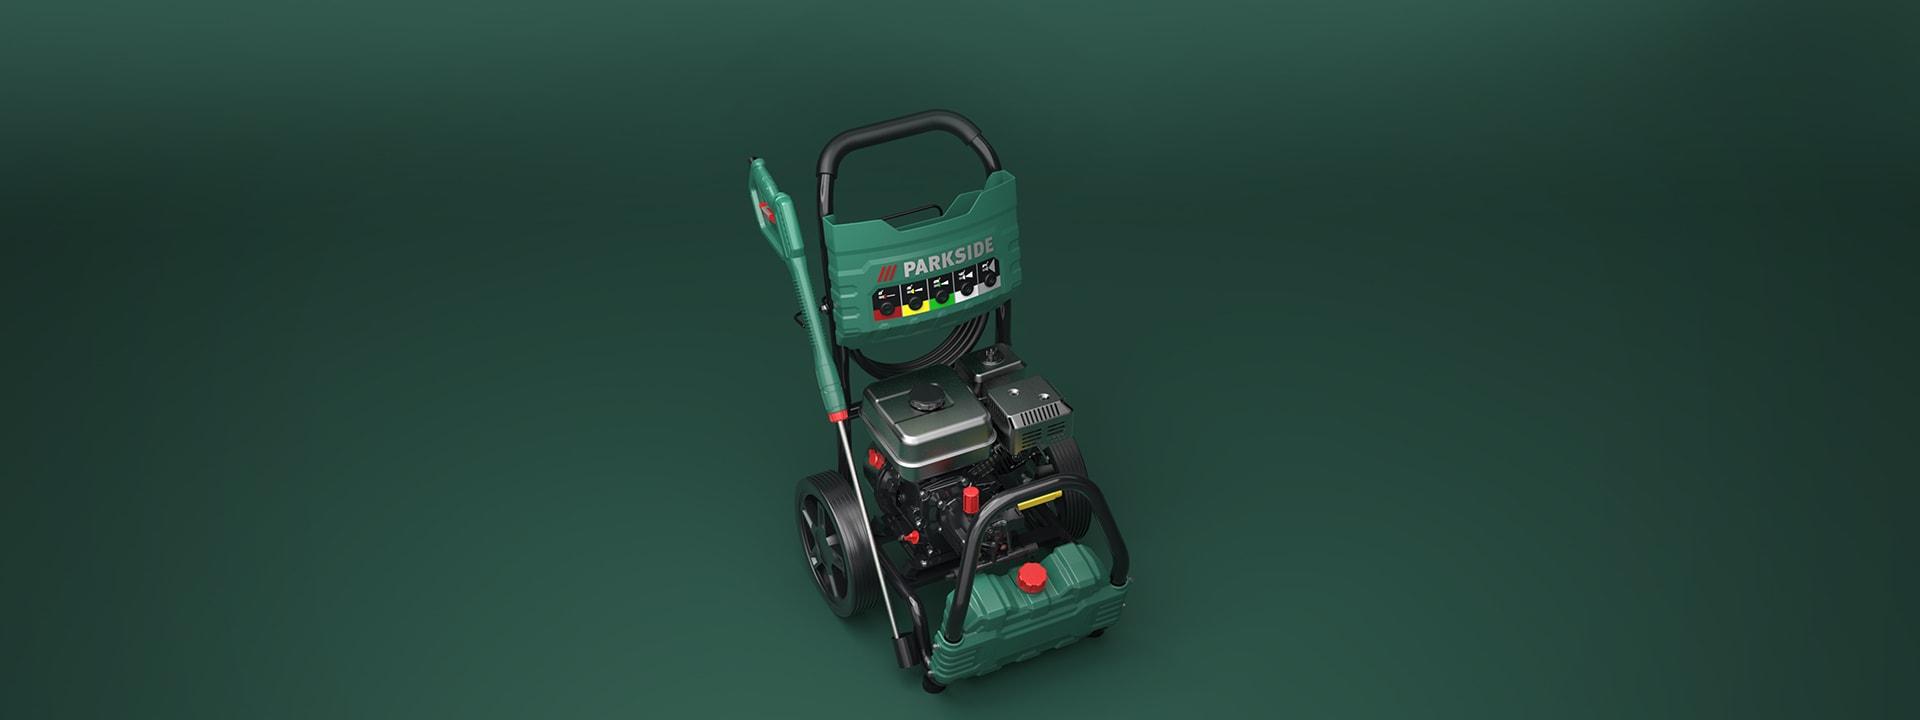 parkside_petrol_pressure_washer_industrialdesign_slider